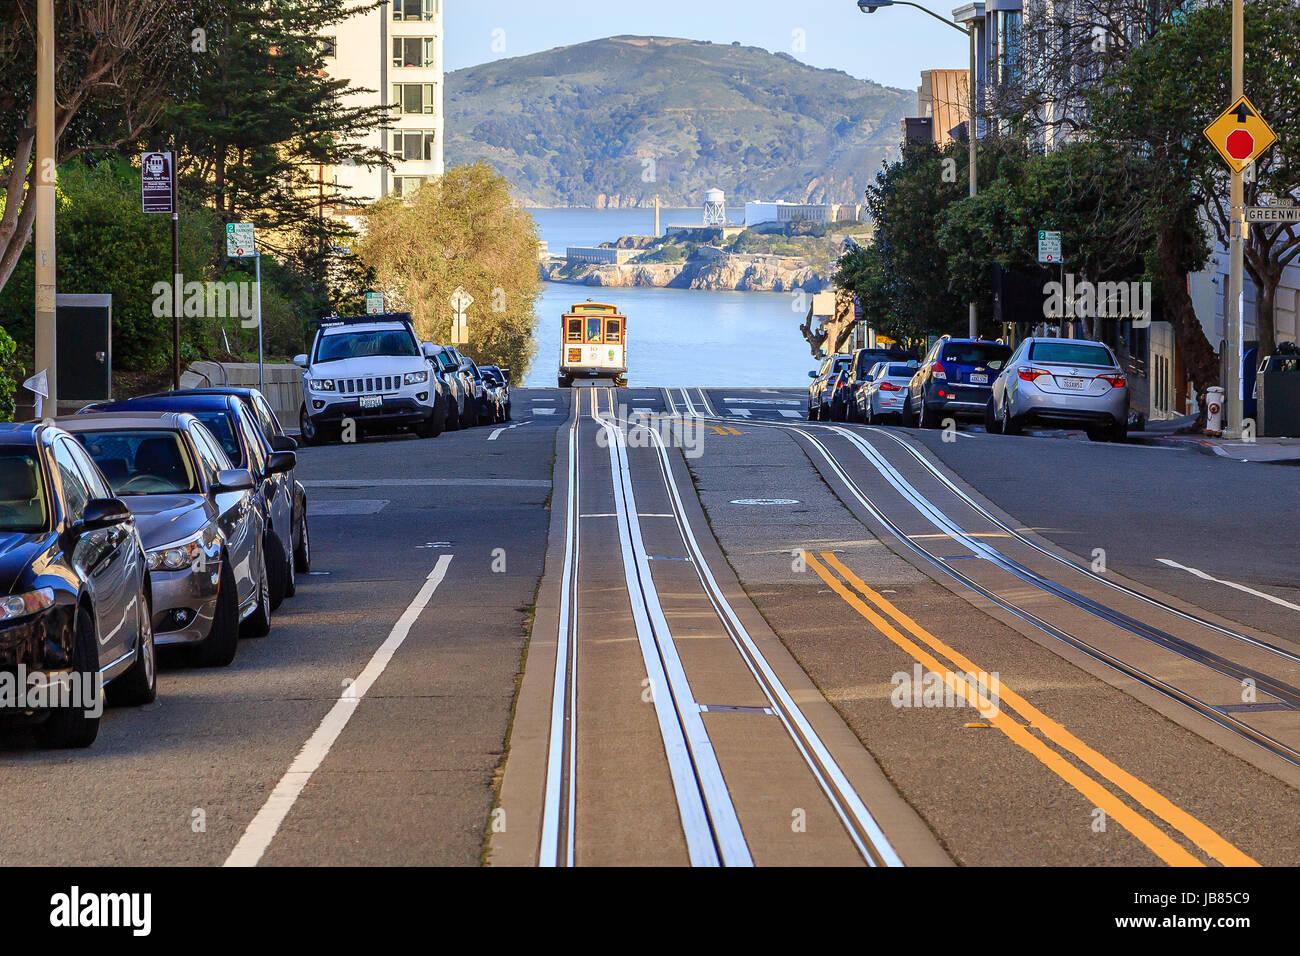 Un câble voiture arrivant au sommet d'une colline à San Francisco Photo Stock